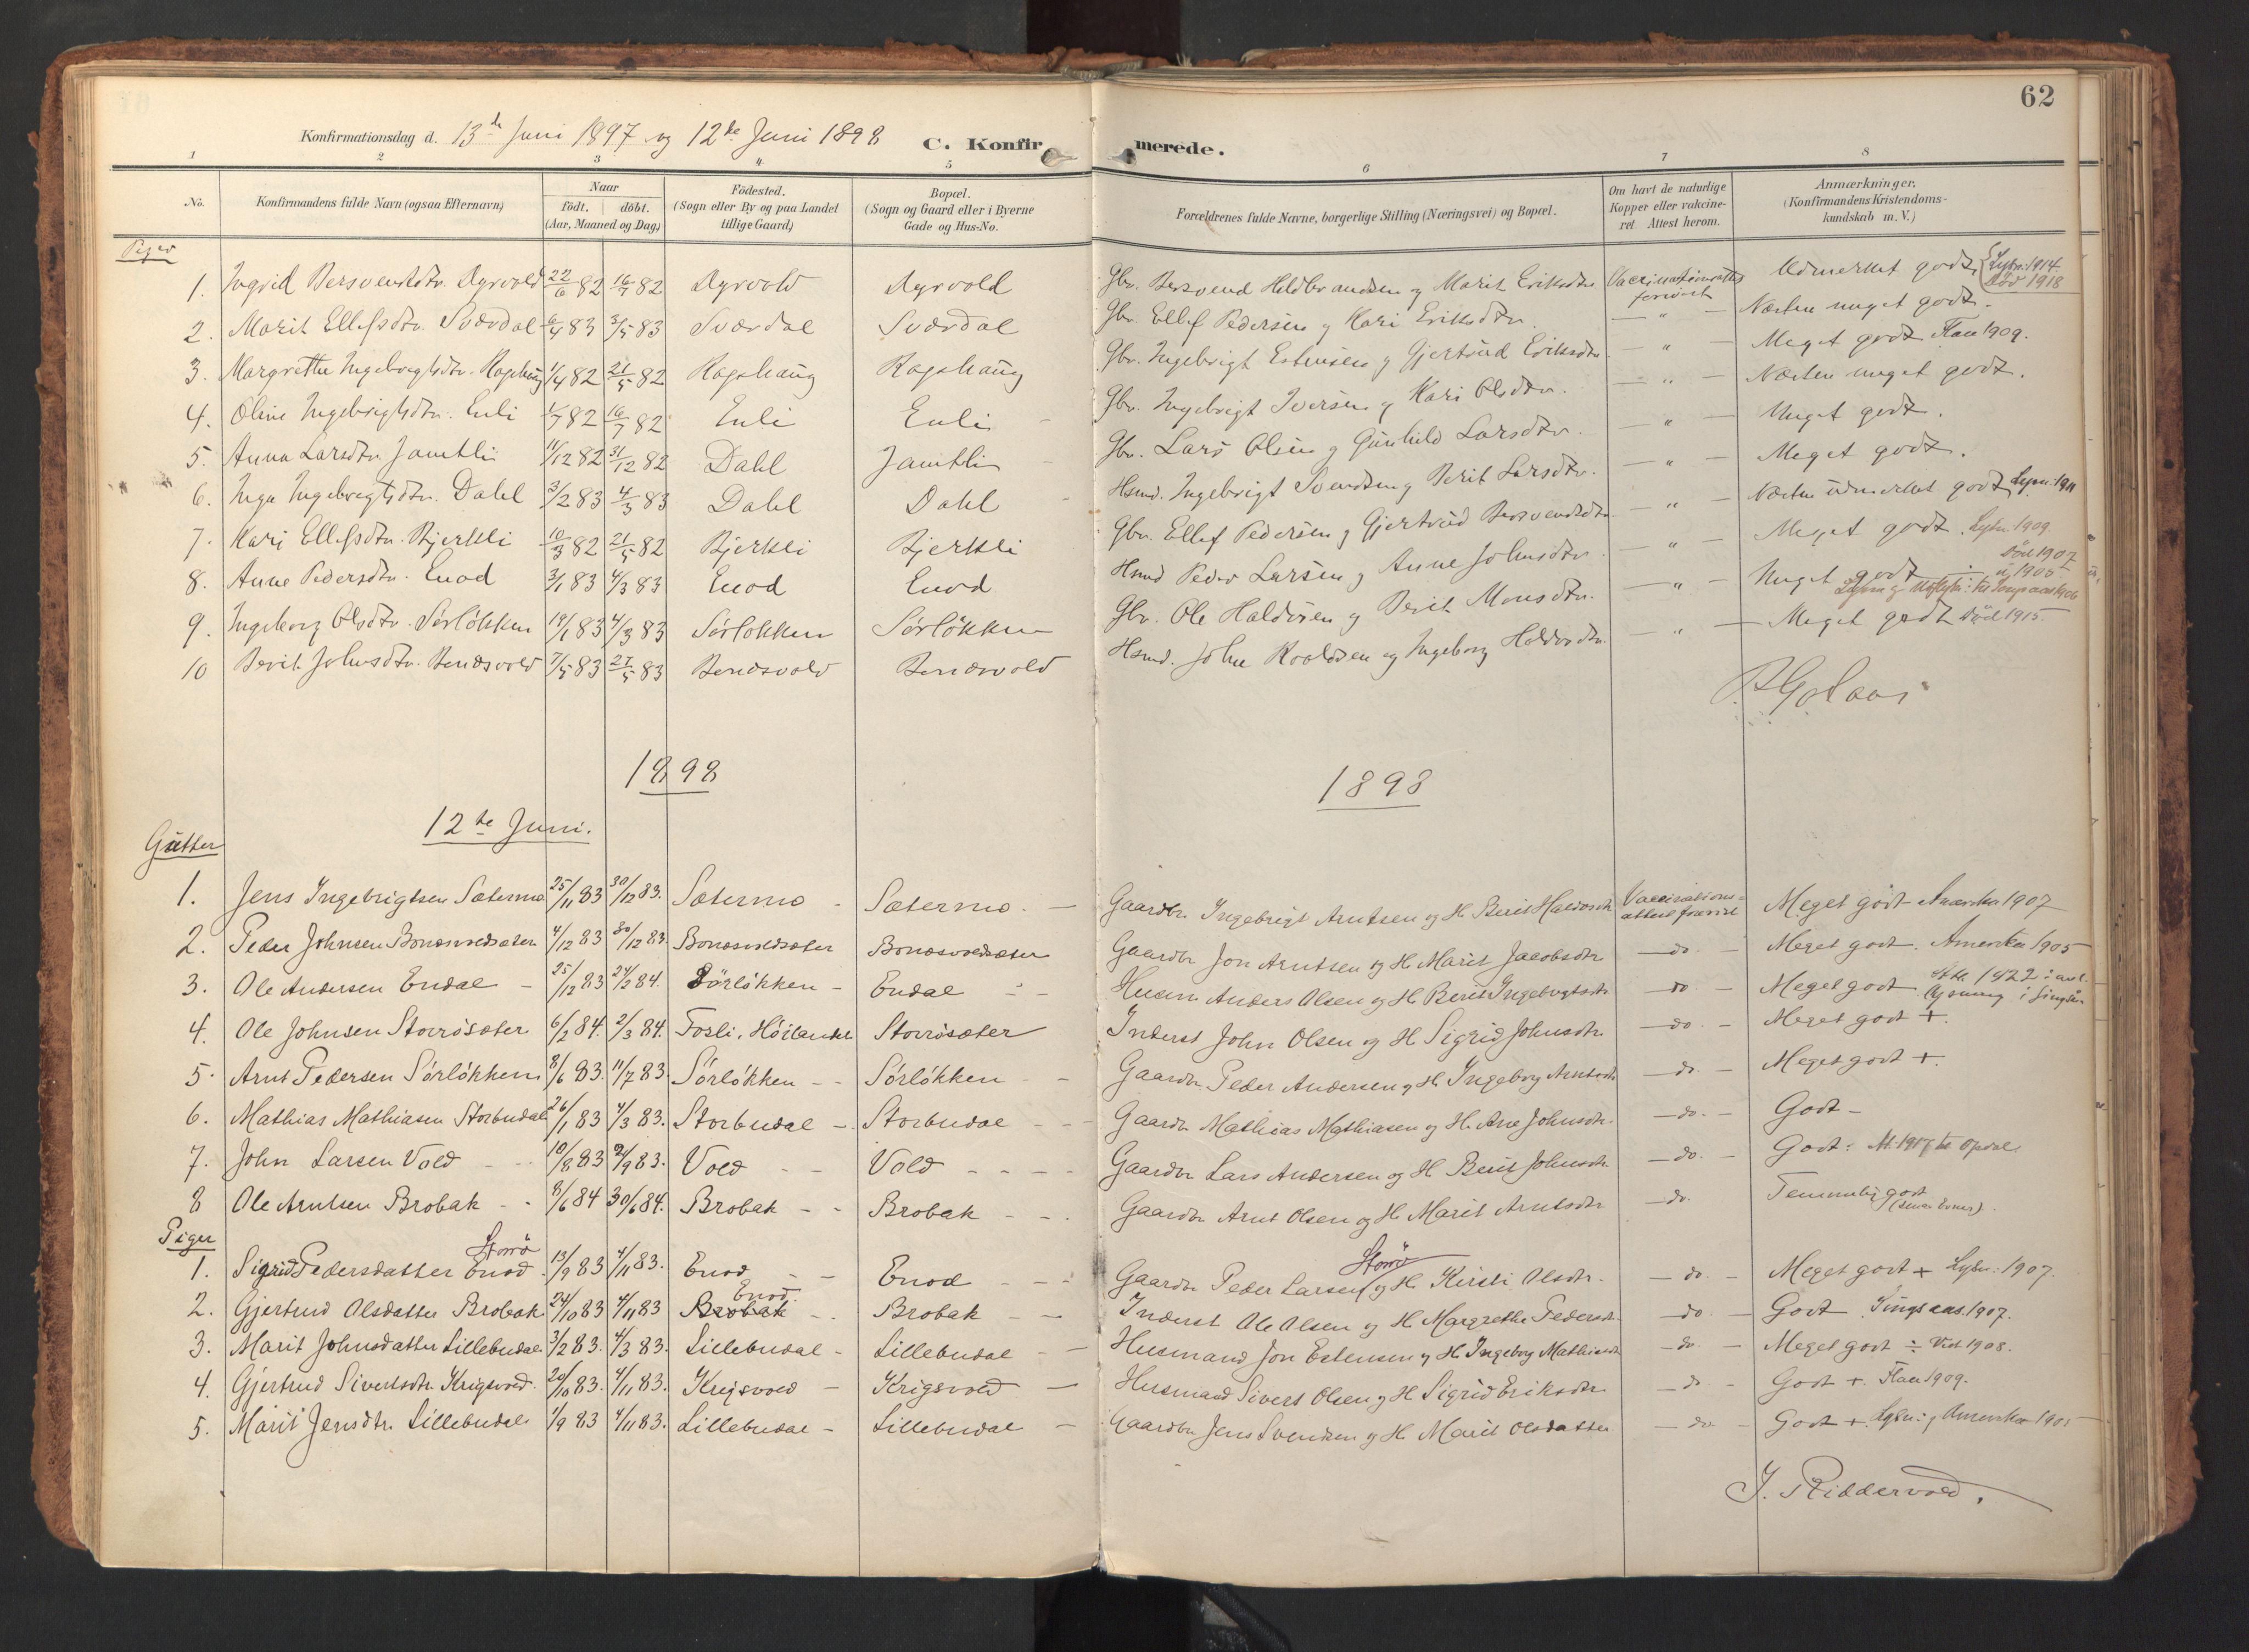 SAT, Ministerialprotokoller, klokkerbøker og fødselsregistre - Sør-Trøndelag, 690/L1050: Ministerialbok nr. 690A01, 1889-1929, s. 62